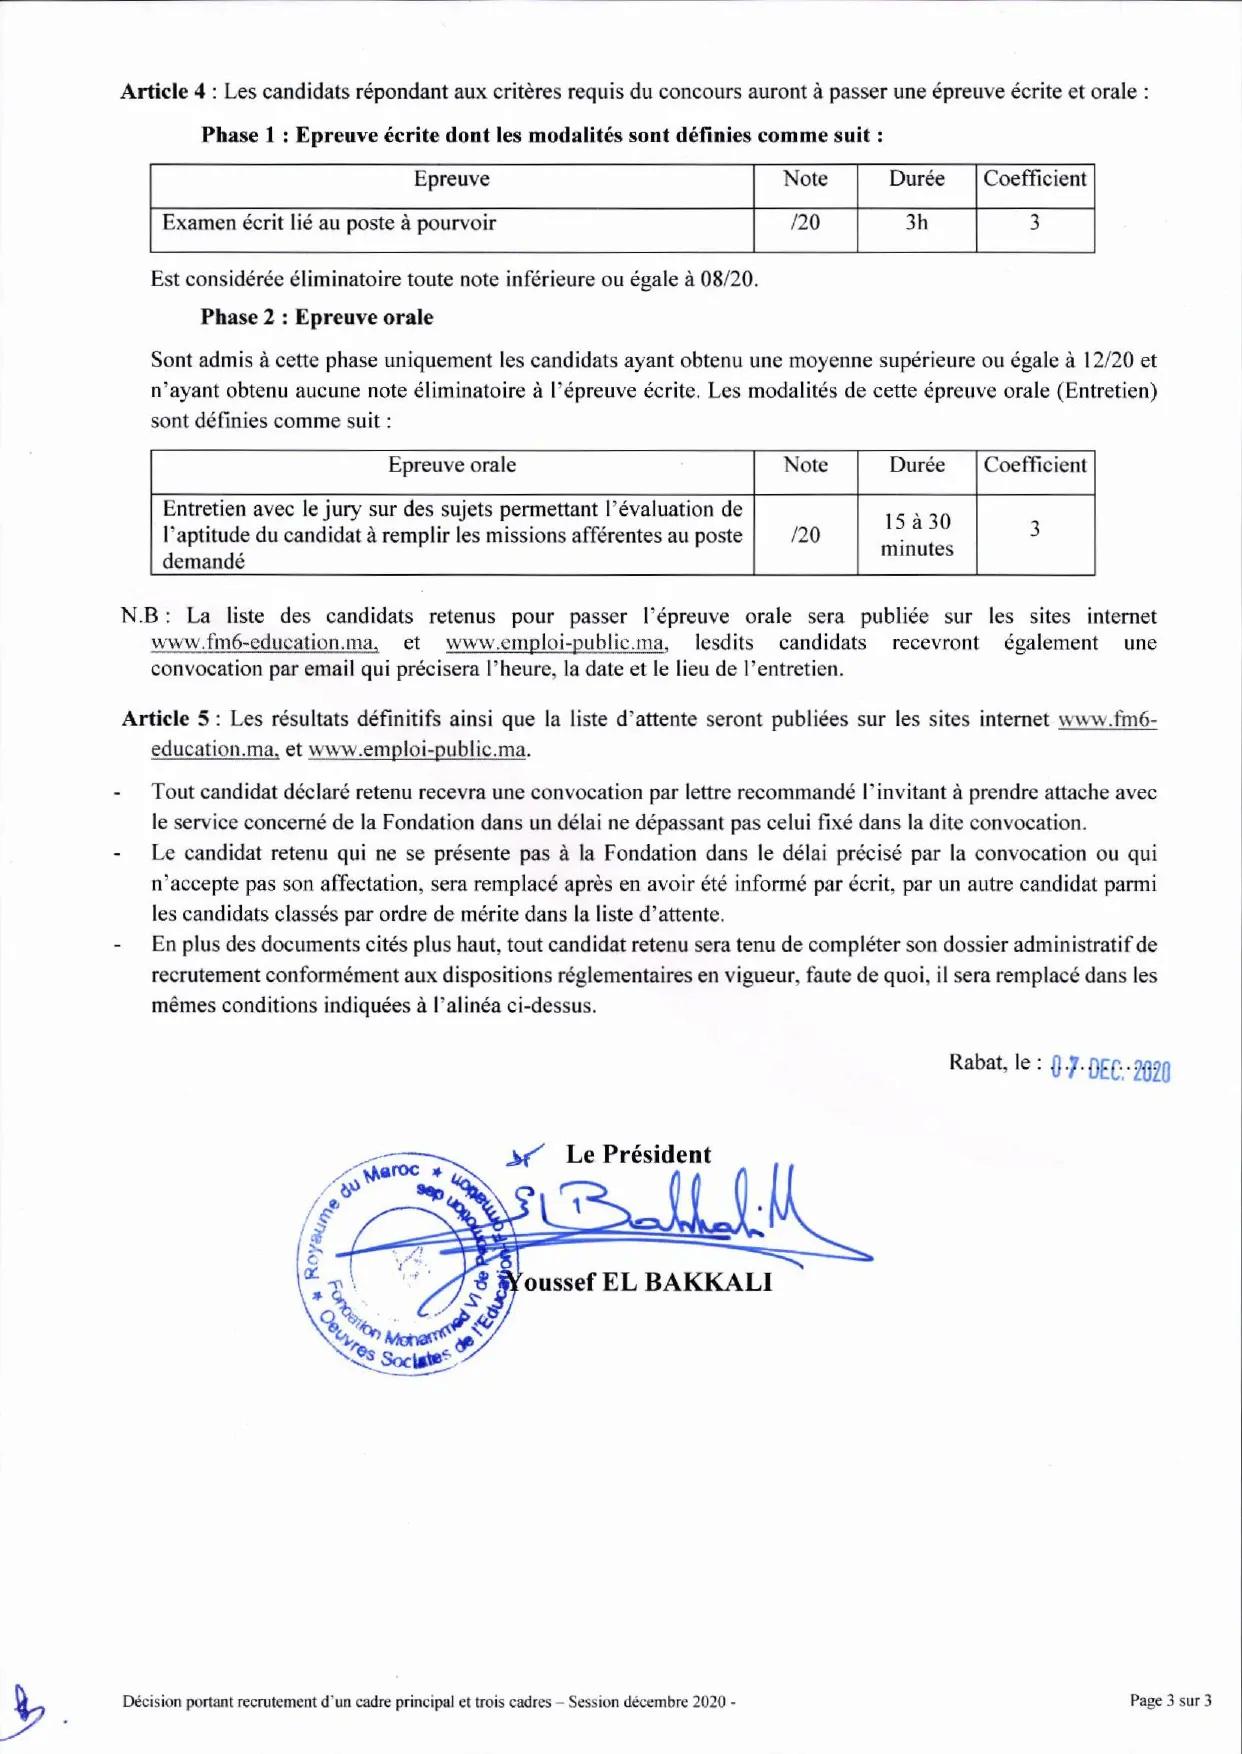 مباريات توظيف بمؤسسة محمد السادس للنهوض بالأعمال الاجتماعية للتربية والتكوين آخر أجل 24 دجنبر 2020 Avisde10